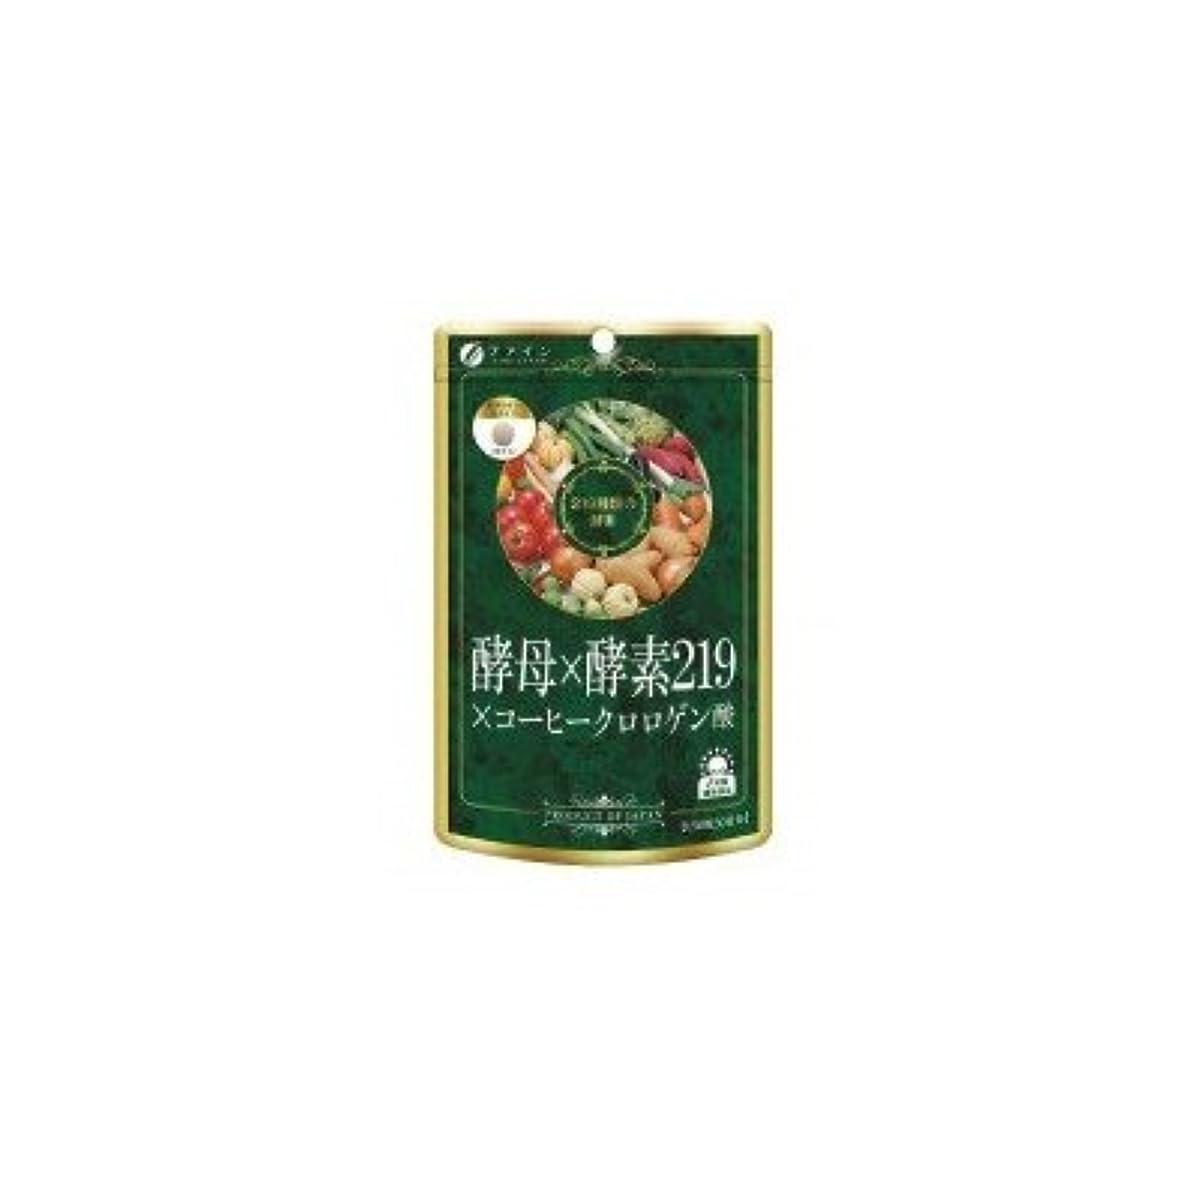 司書マットレスポップファイン 酵母×酵素219×コーヒークロロゲン酸 45g(300mg×150粒)